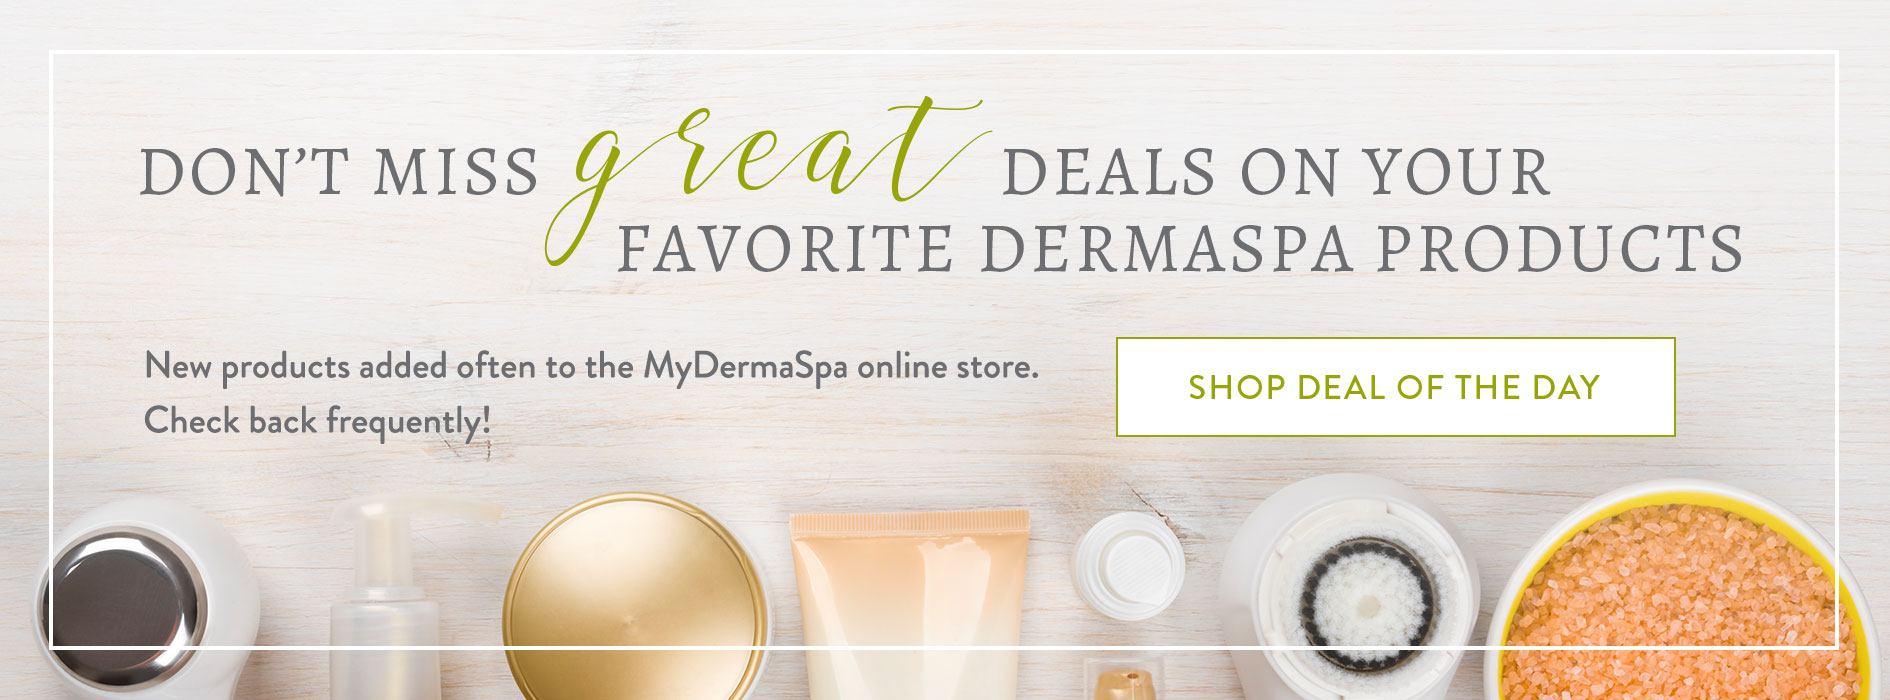 DermaSpa news